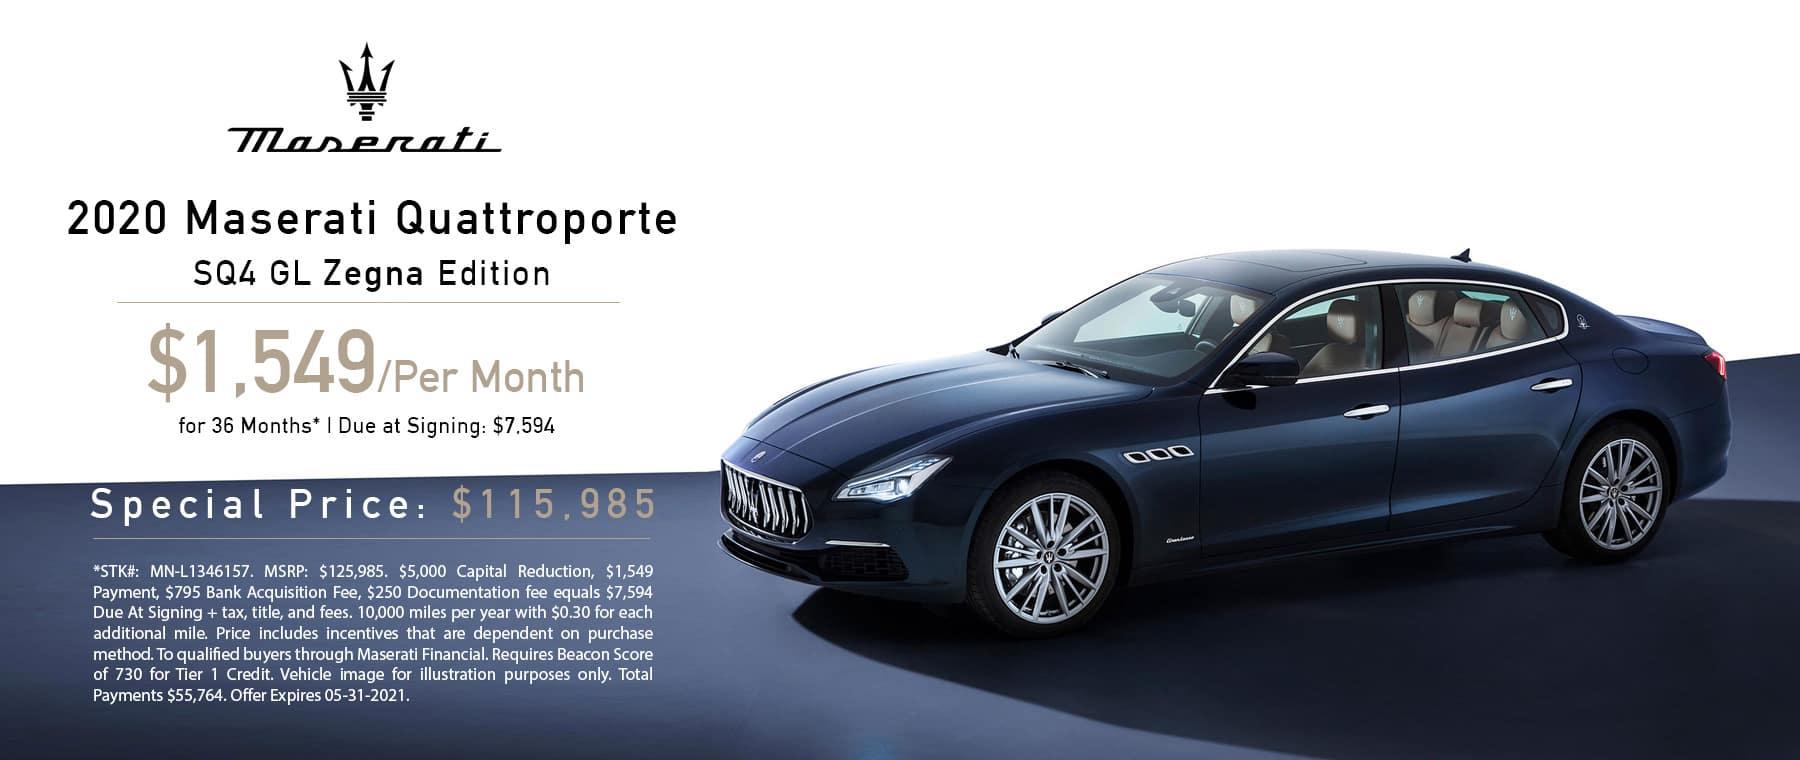 Maserati Quattroporte Zegna Edition Lease